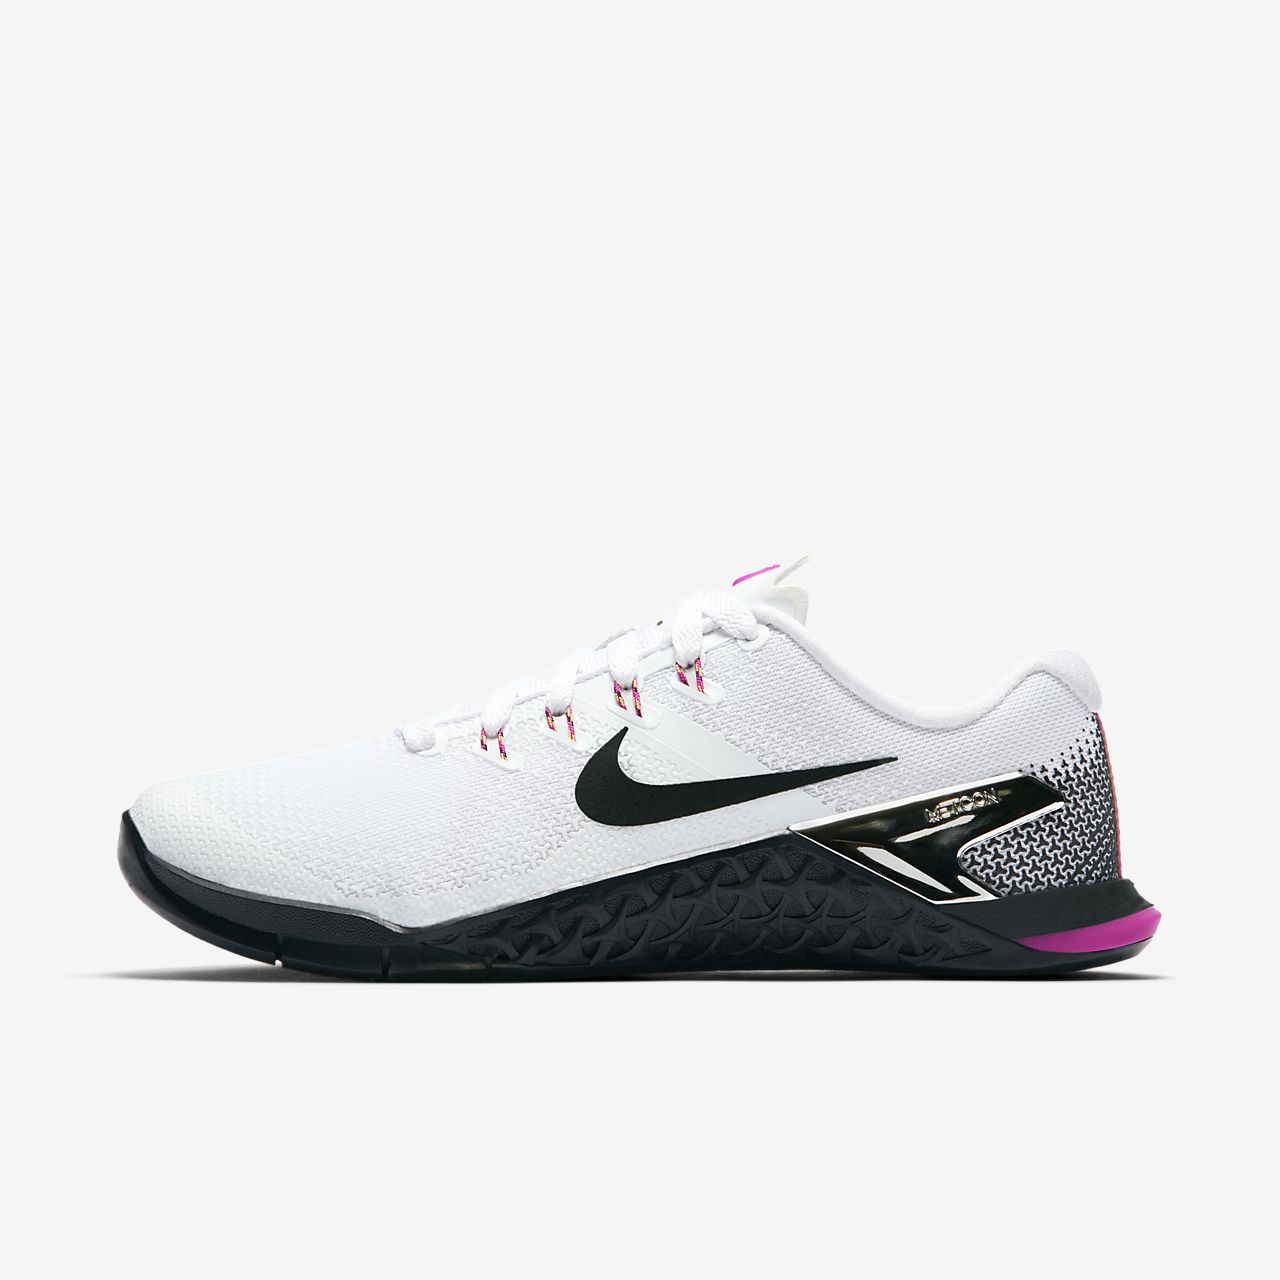 reputable site a3052 70eac Comprar Barato 2018 Wmns Nike Metcon 4 Falsa Precio Barato Marca De  Descuento Nuevos Unisex Paquete